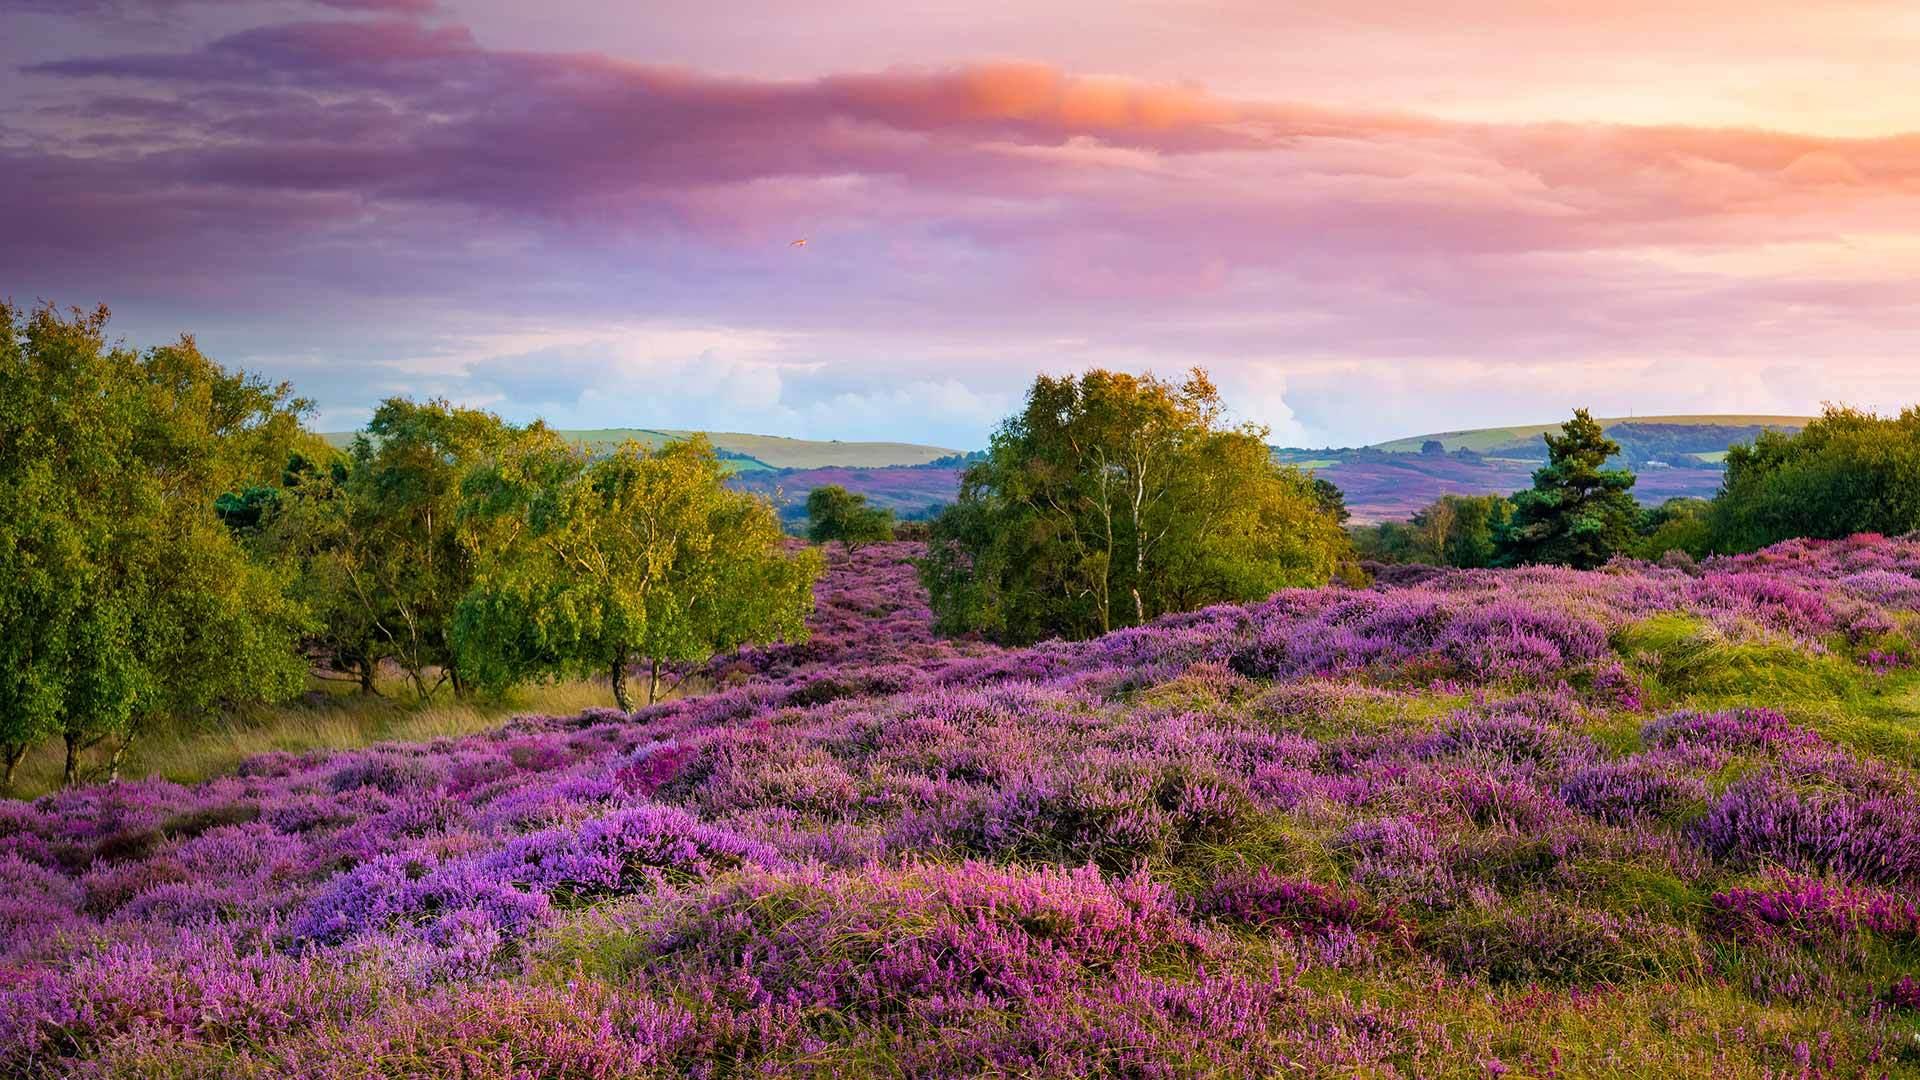 斯塔德兰附近荒野上丛生的紫色和粉红色帚石楠斯塔德兰